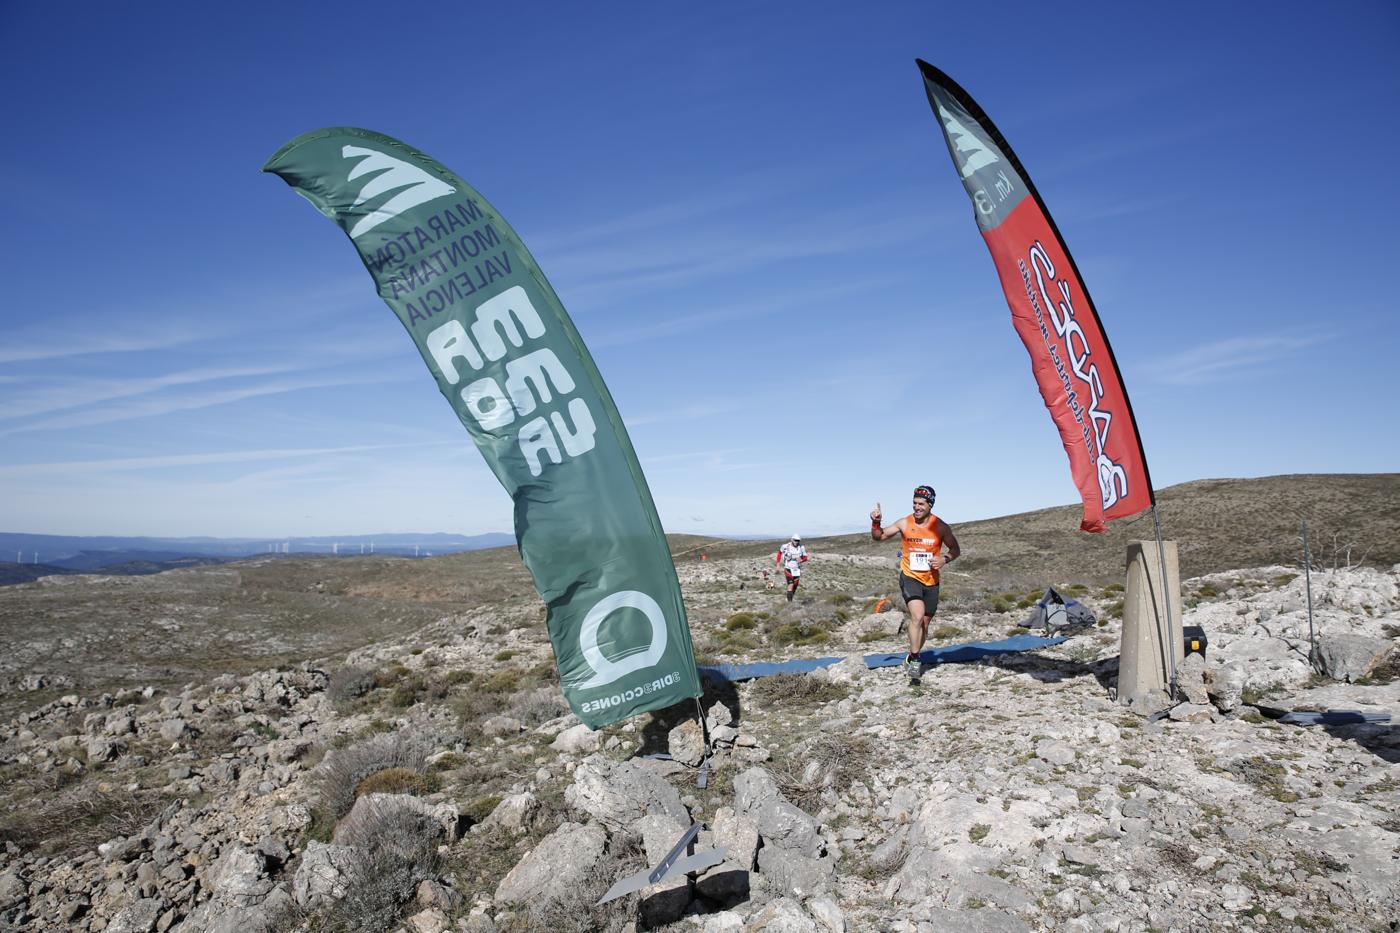 El sábado 8 de abril se disputa el 11K y el 21K y el domingo 9 de abril tendrá lugar el maratón.